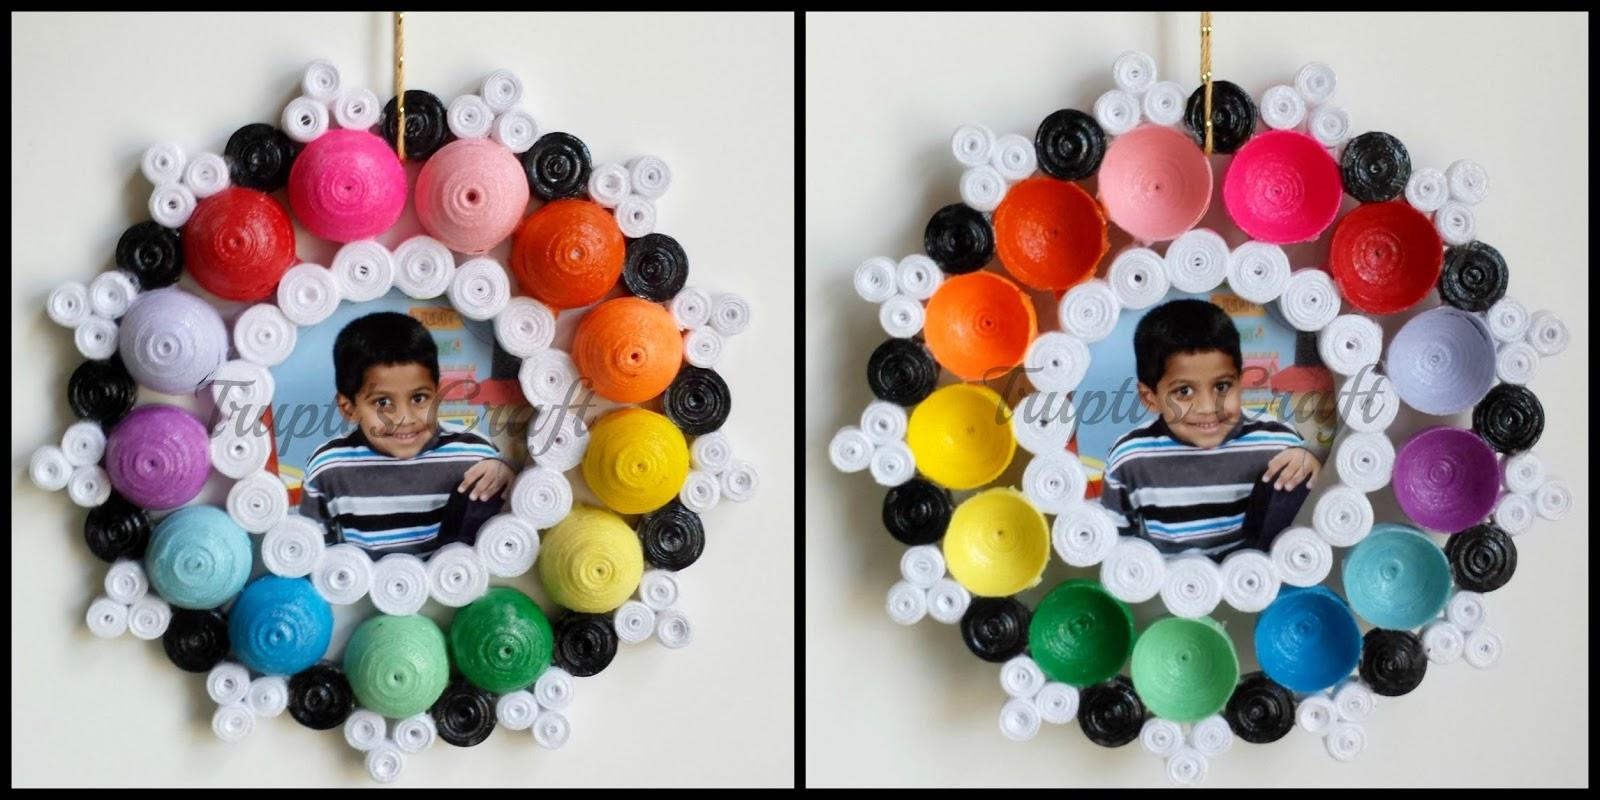 Trupti's Craft: Multi Purpose Multi Color Paper Quilling ... - photo#47